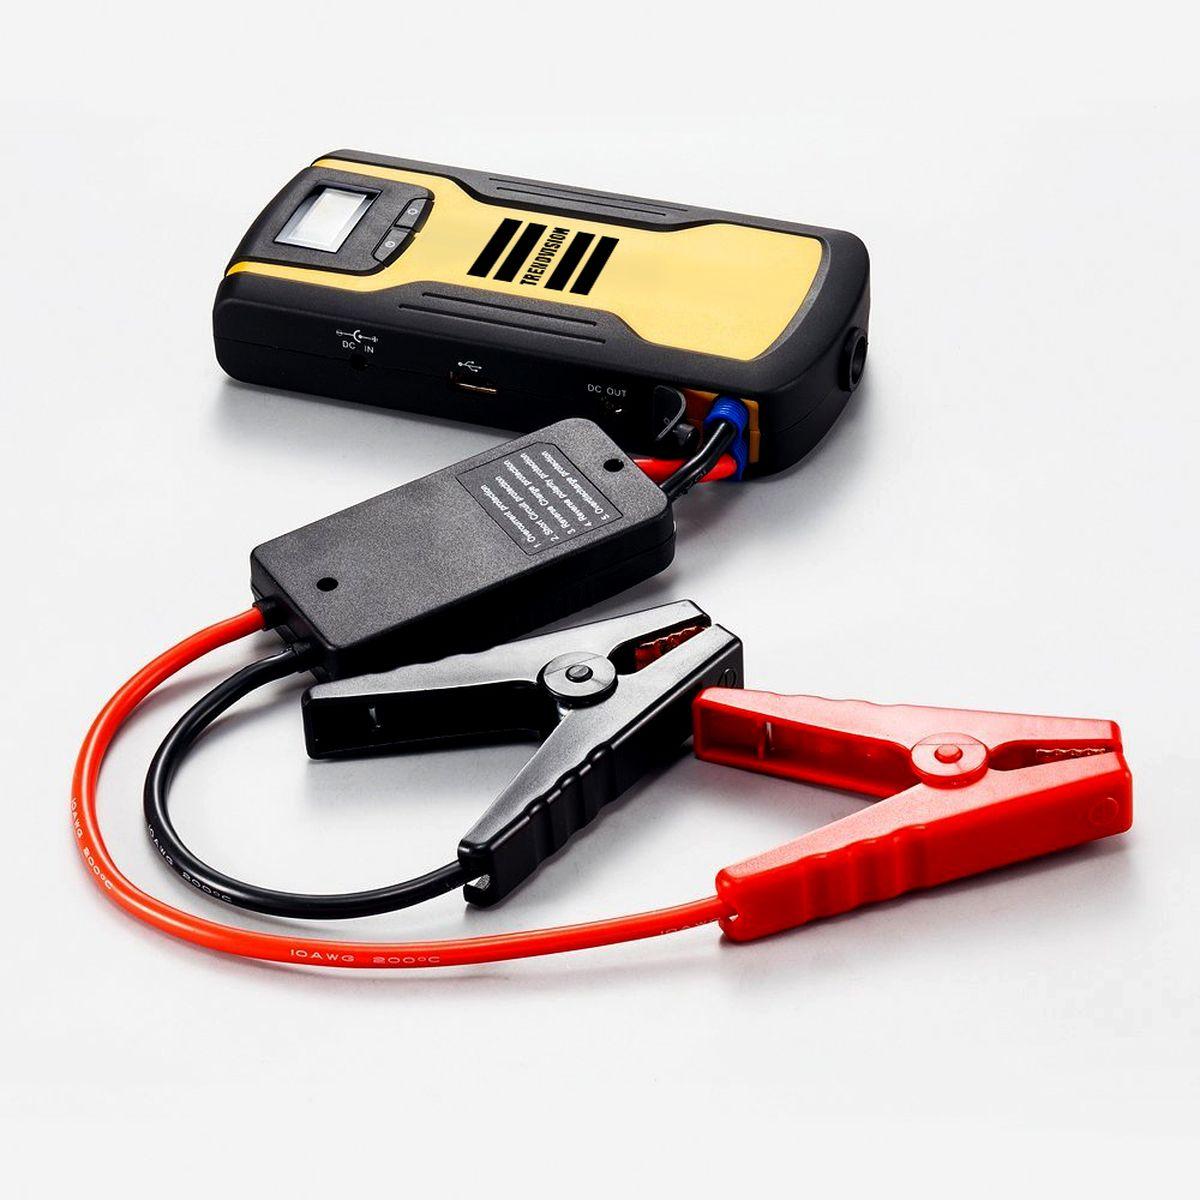 Пуско-зарядное устройство TrendVision Start 11000 Compressor, многофункциональноеTVS11CУстройство позволяет запустить двигатель автомобиля, когда штатный аккумулятор не может с этим справиться. Также TrendVision Start 11000 Compressor зарядит Ваш планшет, смартфон, фото и видео аппаратуру. В комплекте автомобильный компрессор.